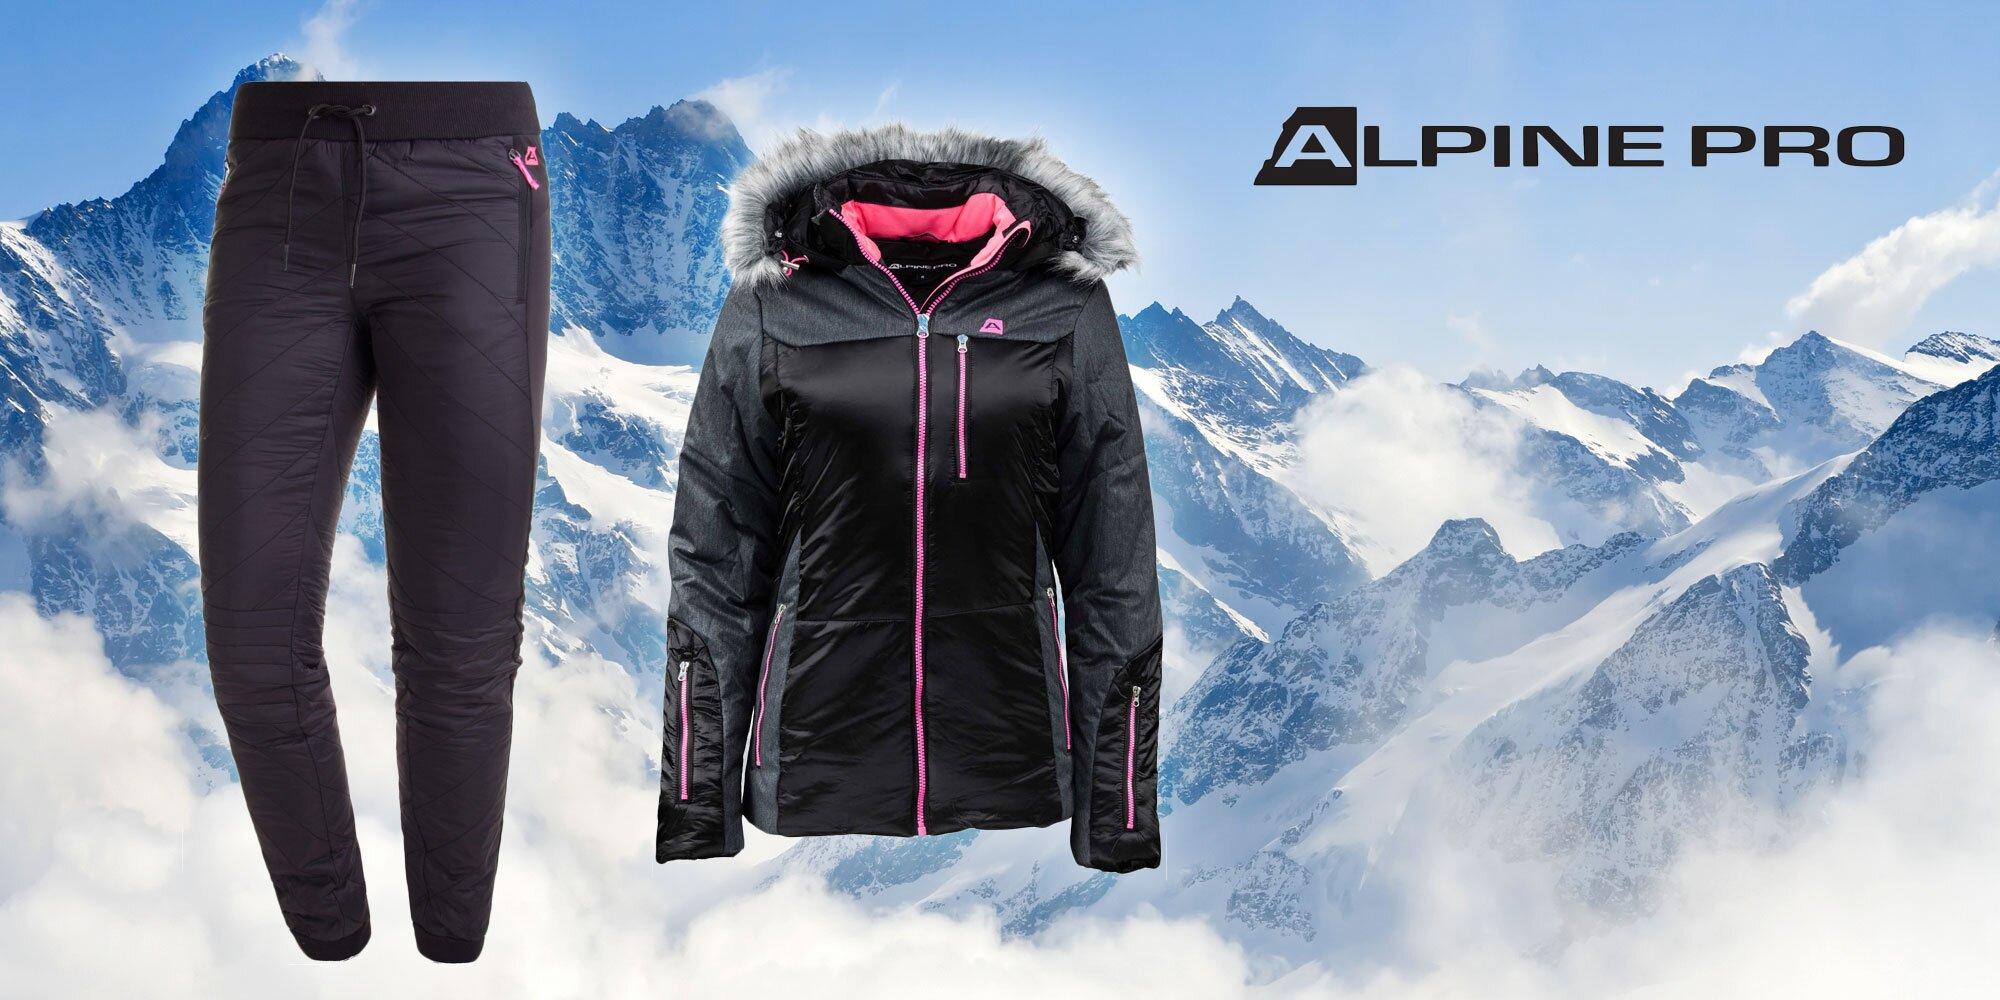 edaeab207dd2 Dámské zateplené nohavice a bunda Alpine Pro!